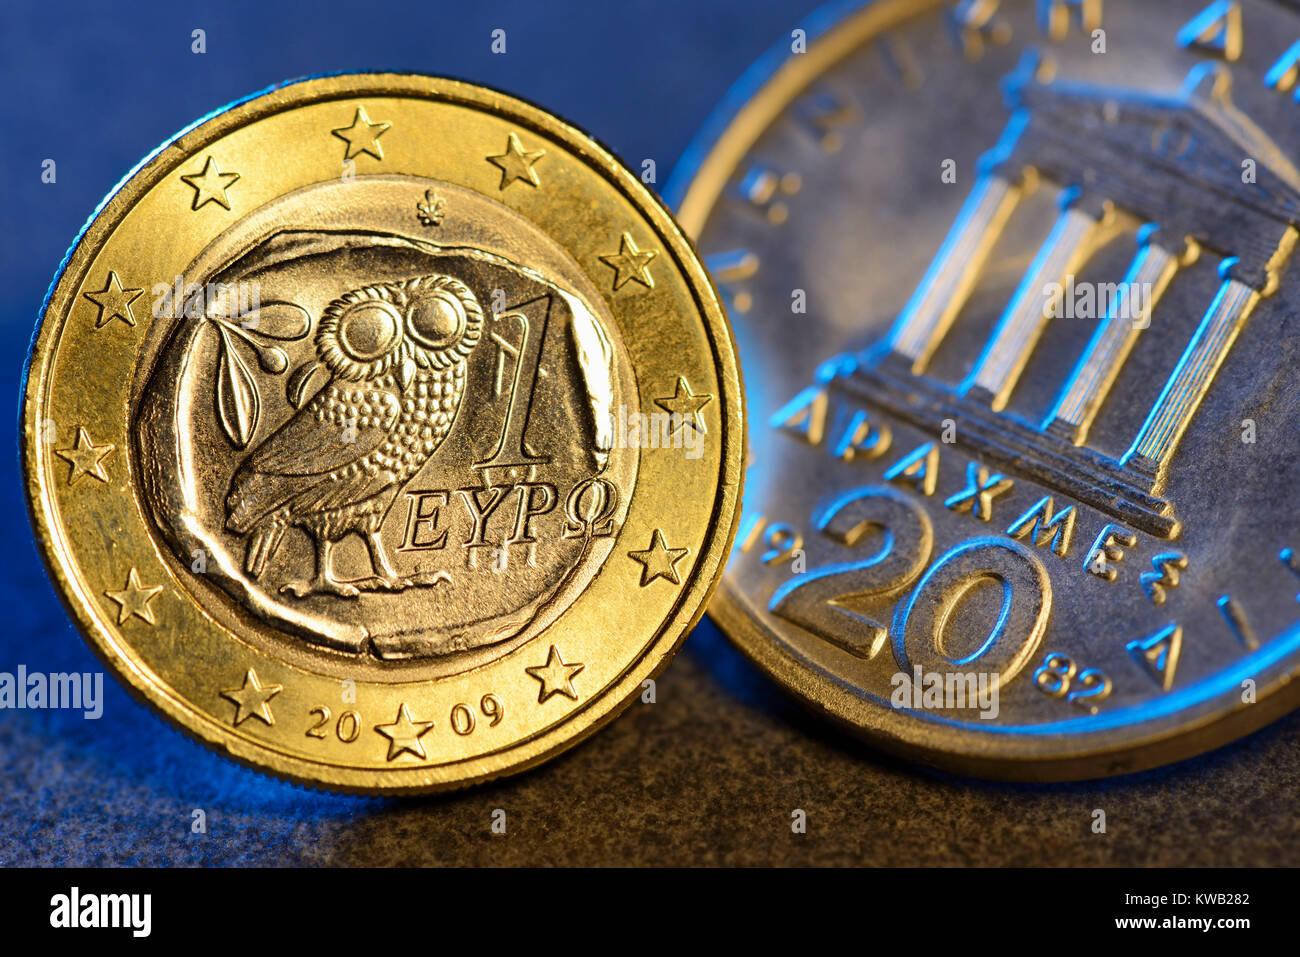 Euro-Monedas Griegas y un drachm, Griechische Ein-Euro-M?nze und Drachme, Griechische Ein-Euro-und Drachme Muenze Foto de stock